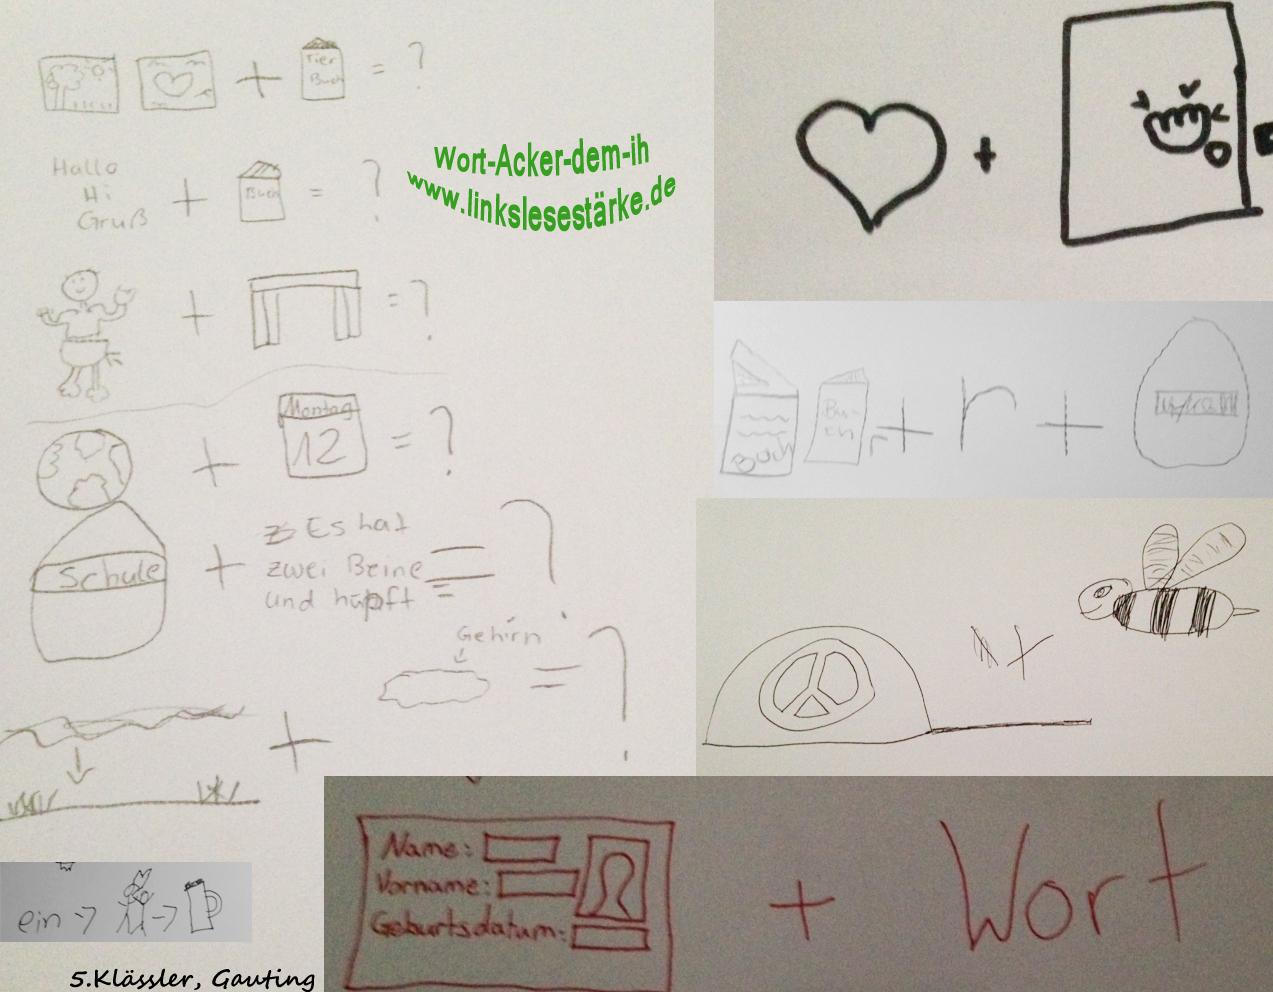 Bilderbuch-Wörterbuch-Wickeltisch-Welttag-Bildungsquiz-Gruindwissen-Paar-Bier-Herzklopfen-Bücher-Ei-Kapp-Niene-Pass-Wort